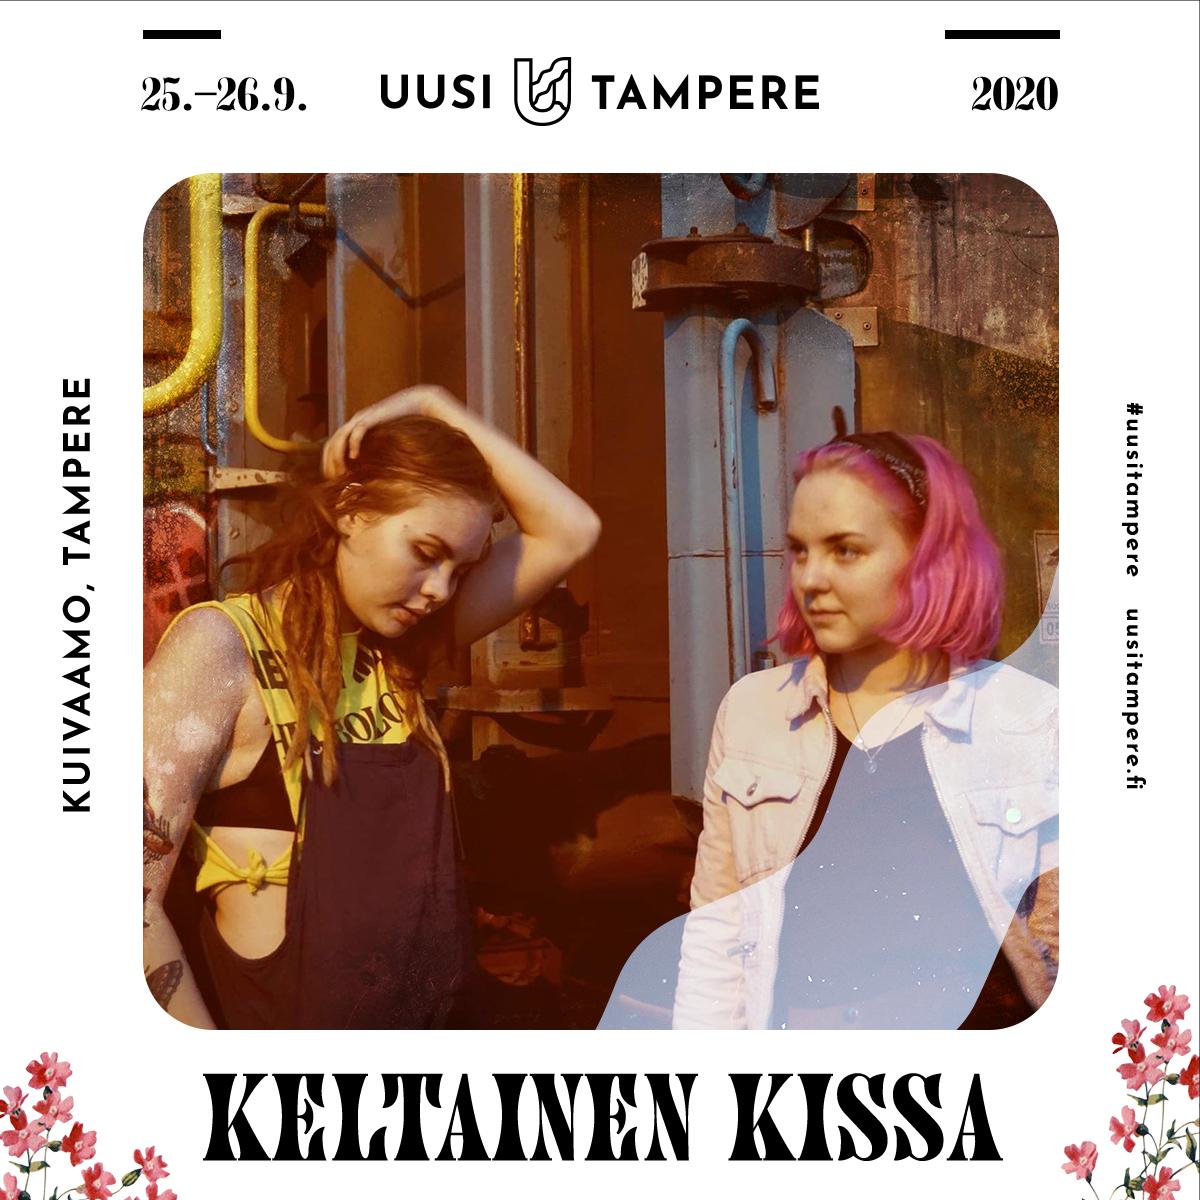 Uusi Tampere